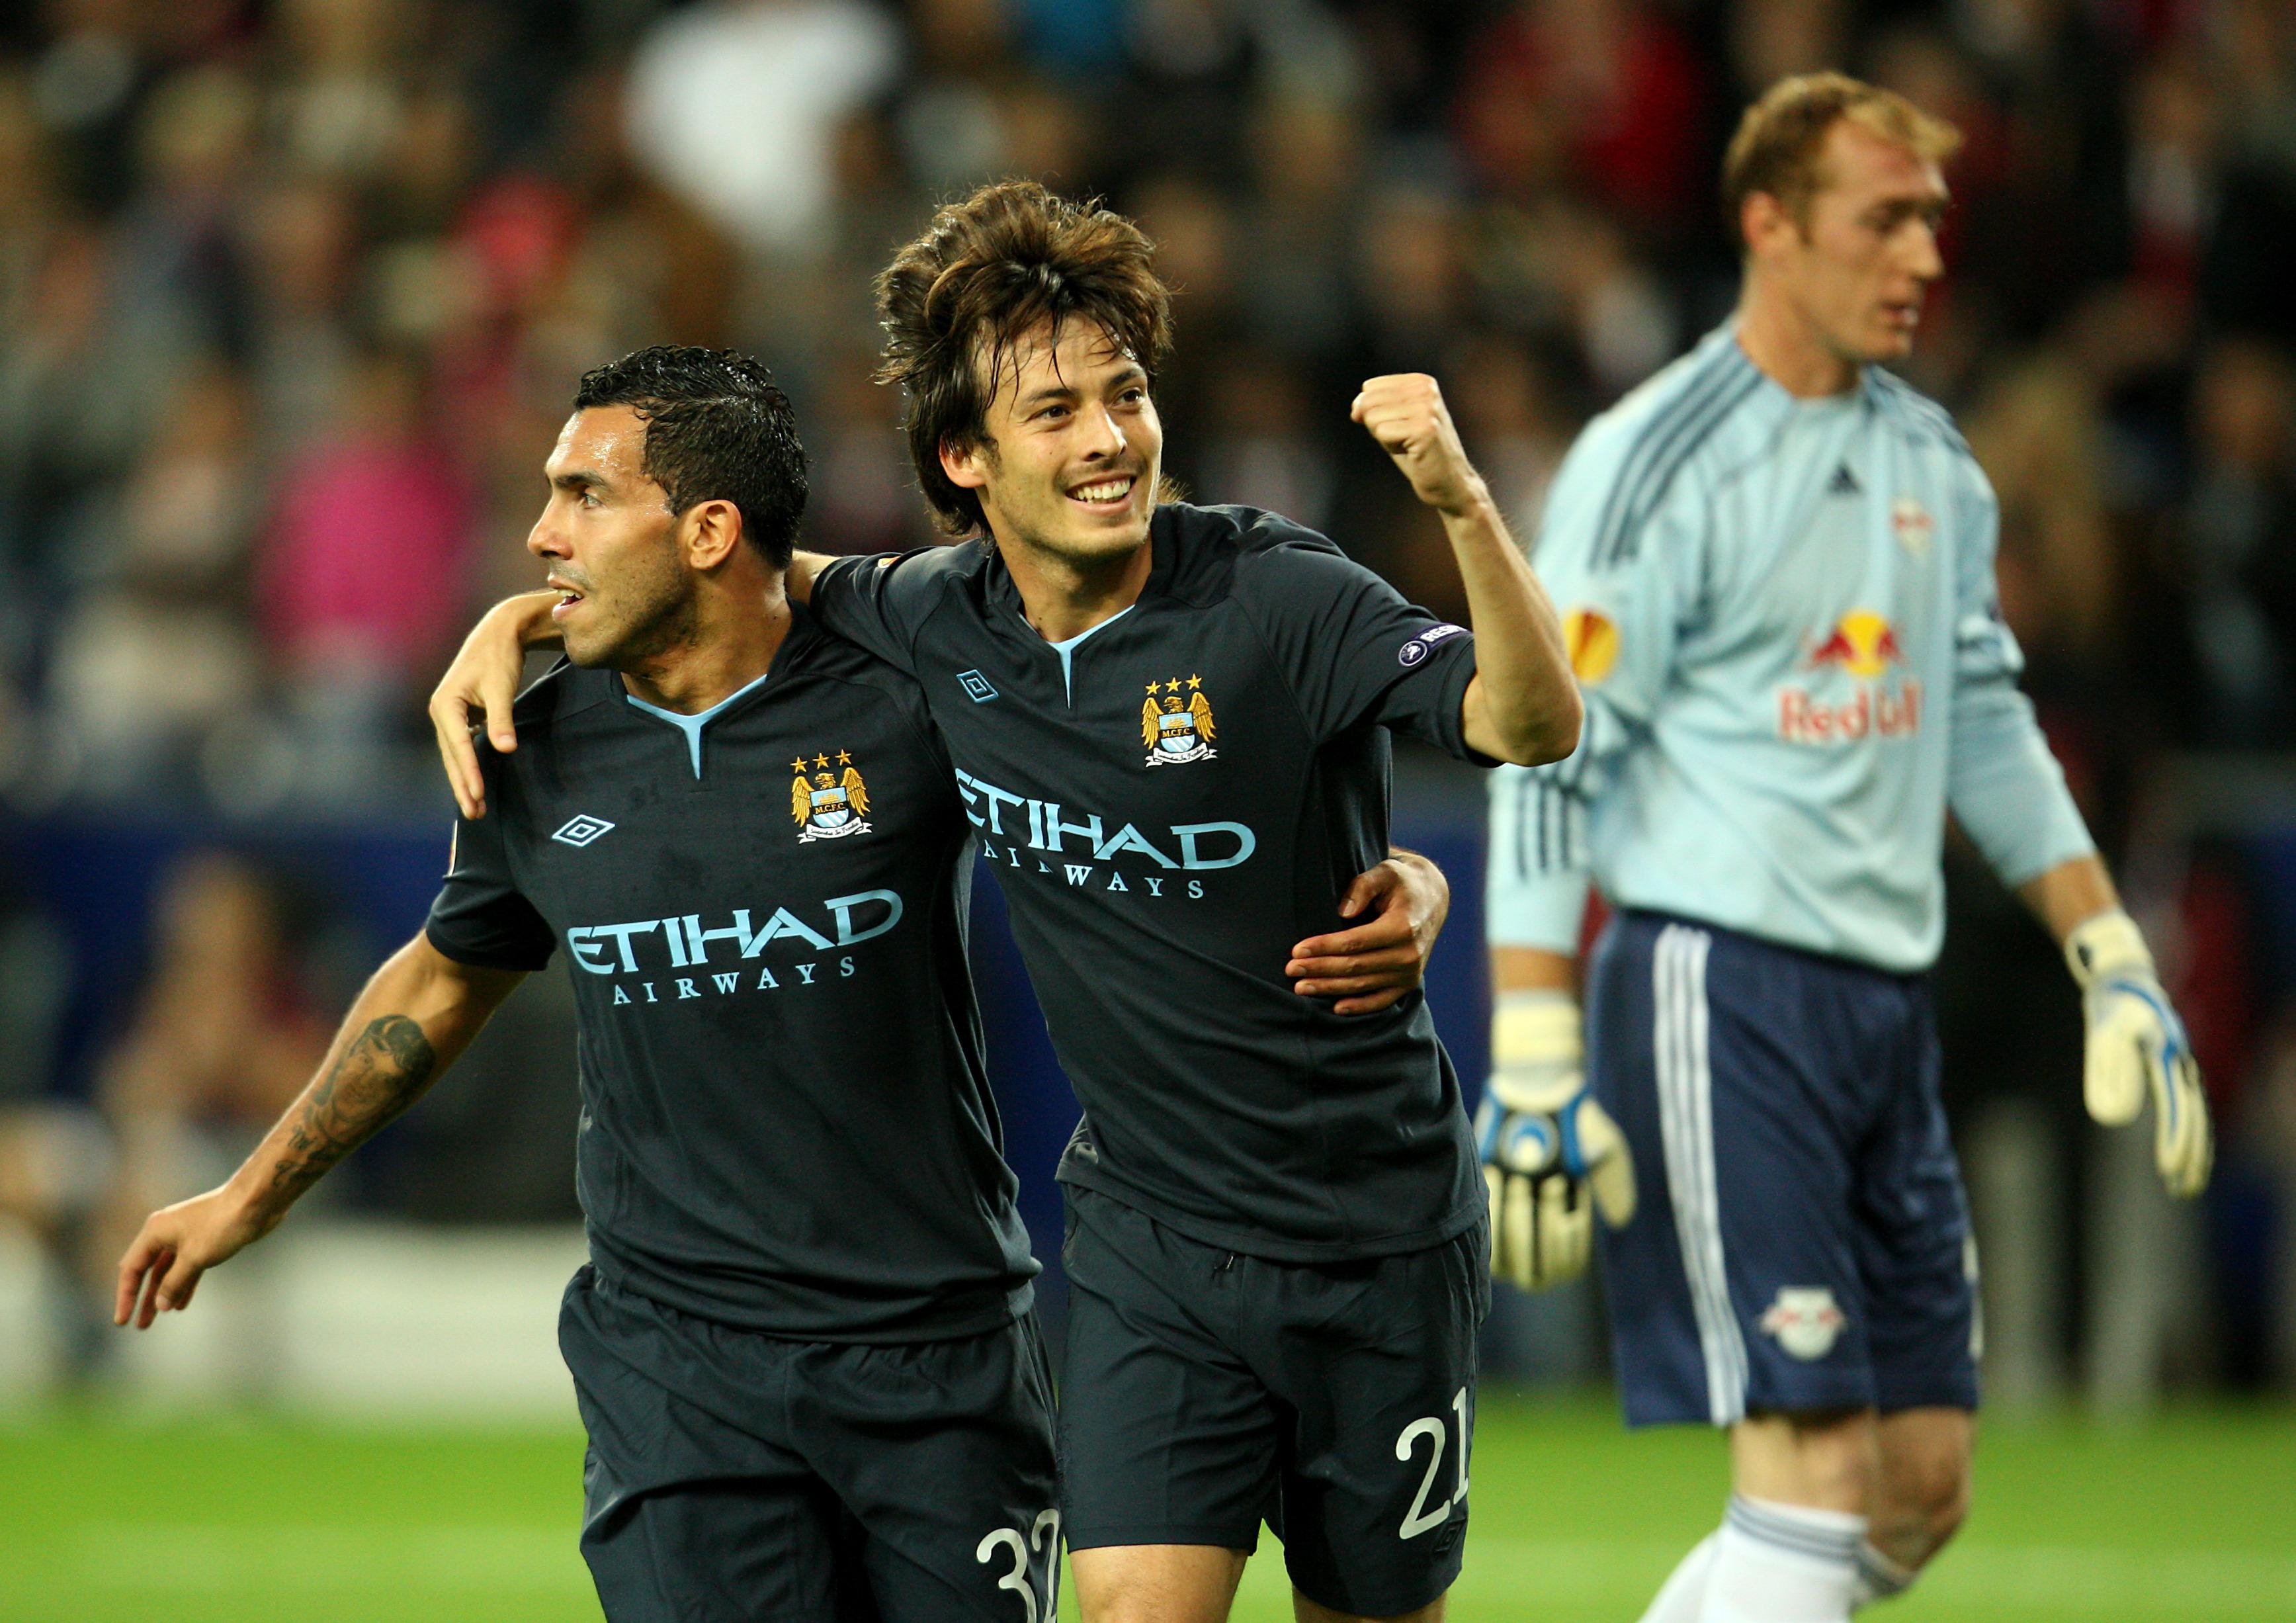 Carlos Tévez y David Silva celebran el primer gol europeo del canario con el City.